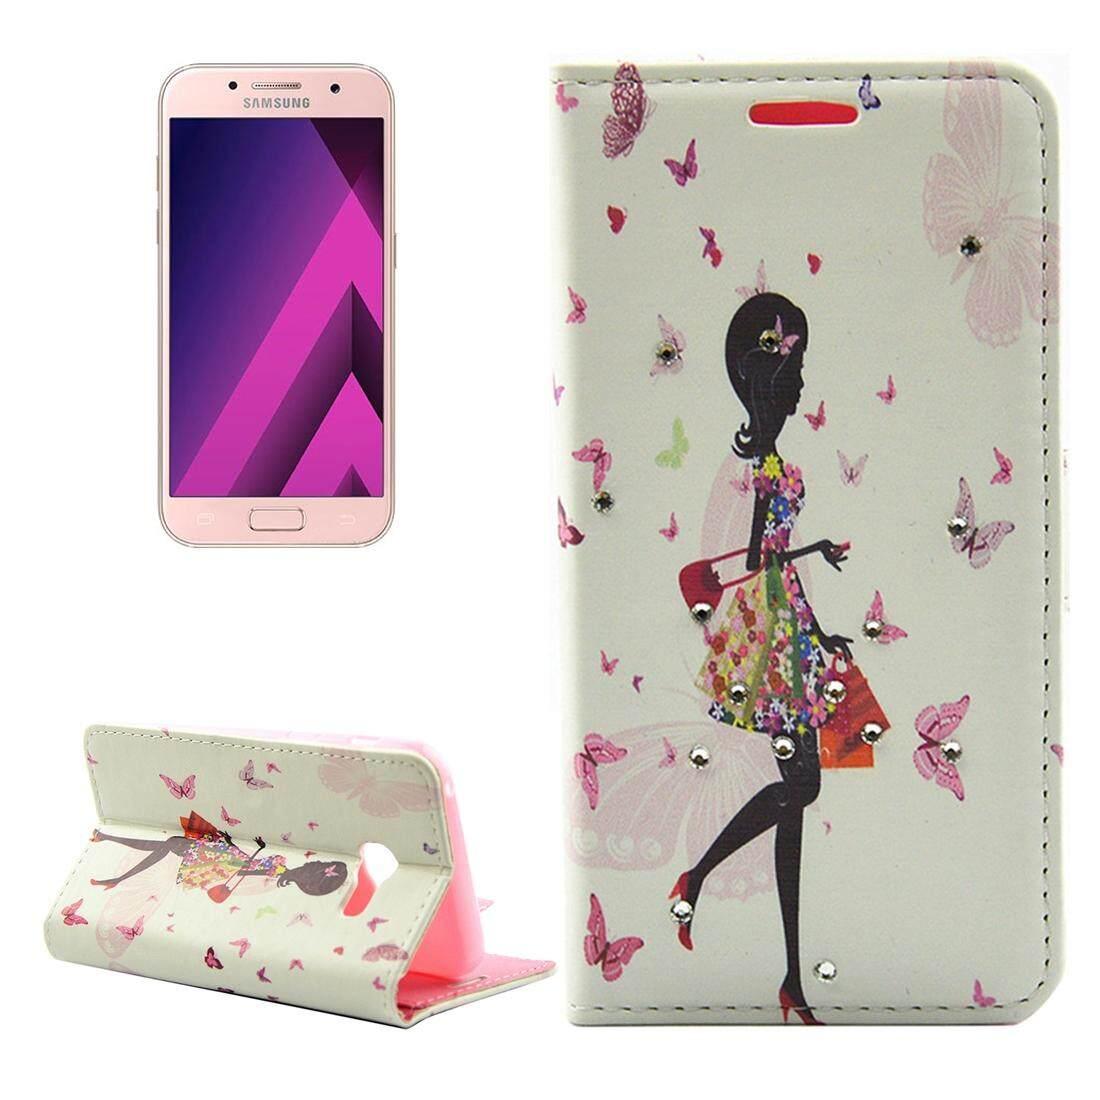 Untuk Samsung Galaksi A5 (2017) /A520 Kupu-kupu dan Belanja Perempuan Pola Berlian Bertatahkan Kulit Horisontal Lipat Case dengan Slot Pemegang & Kartu & dompet-Internasional